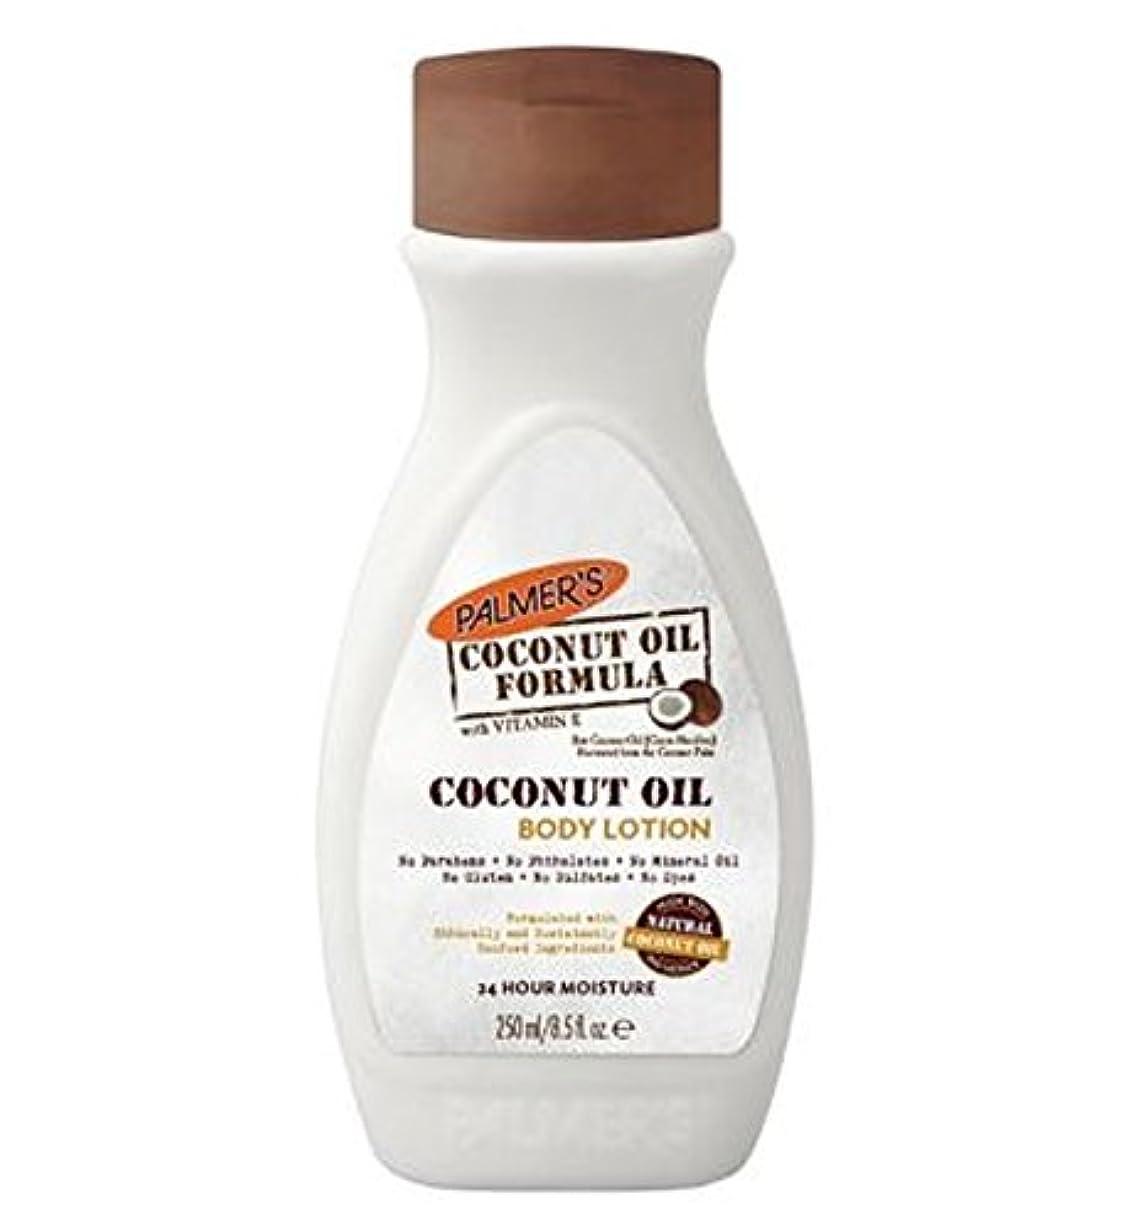 なしで居心地の良い摩擦Palmer's Coconut Oil Formula Body Lotion 250ml - パーマーのココナッツオイル式ボディローション250ミリリットル (Palmer's) [並行輸入品]